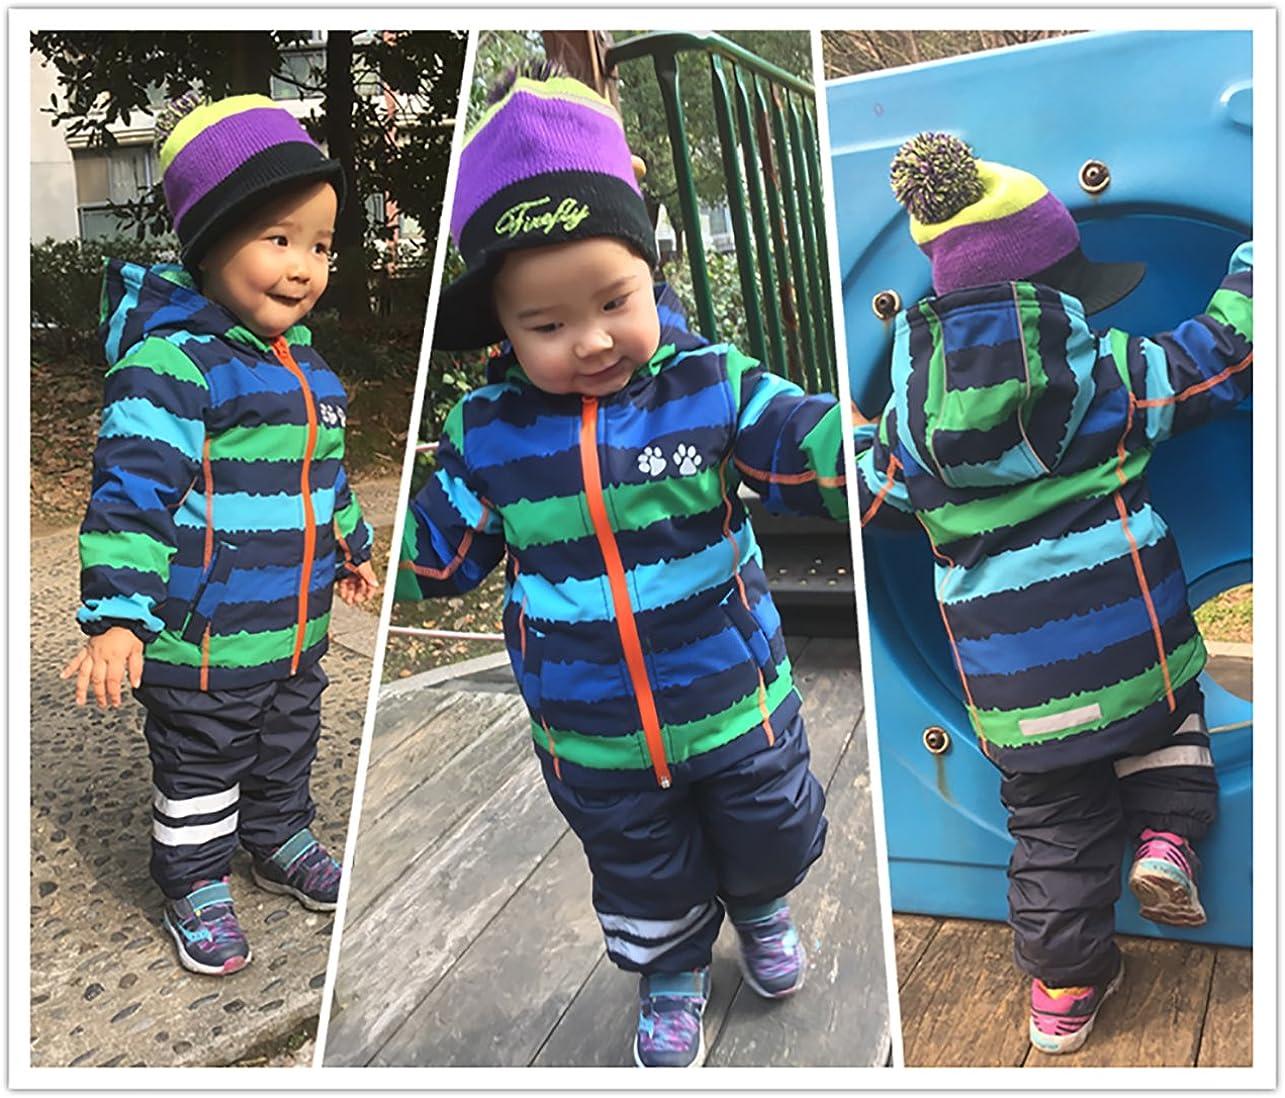 umkaumka Giacca a Vento Felpata Impermeabile da Bambino con Cappuccio Disponibile in Varie Taglie per Bimbi da 1 a 7 Anni